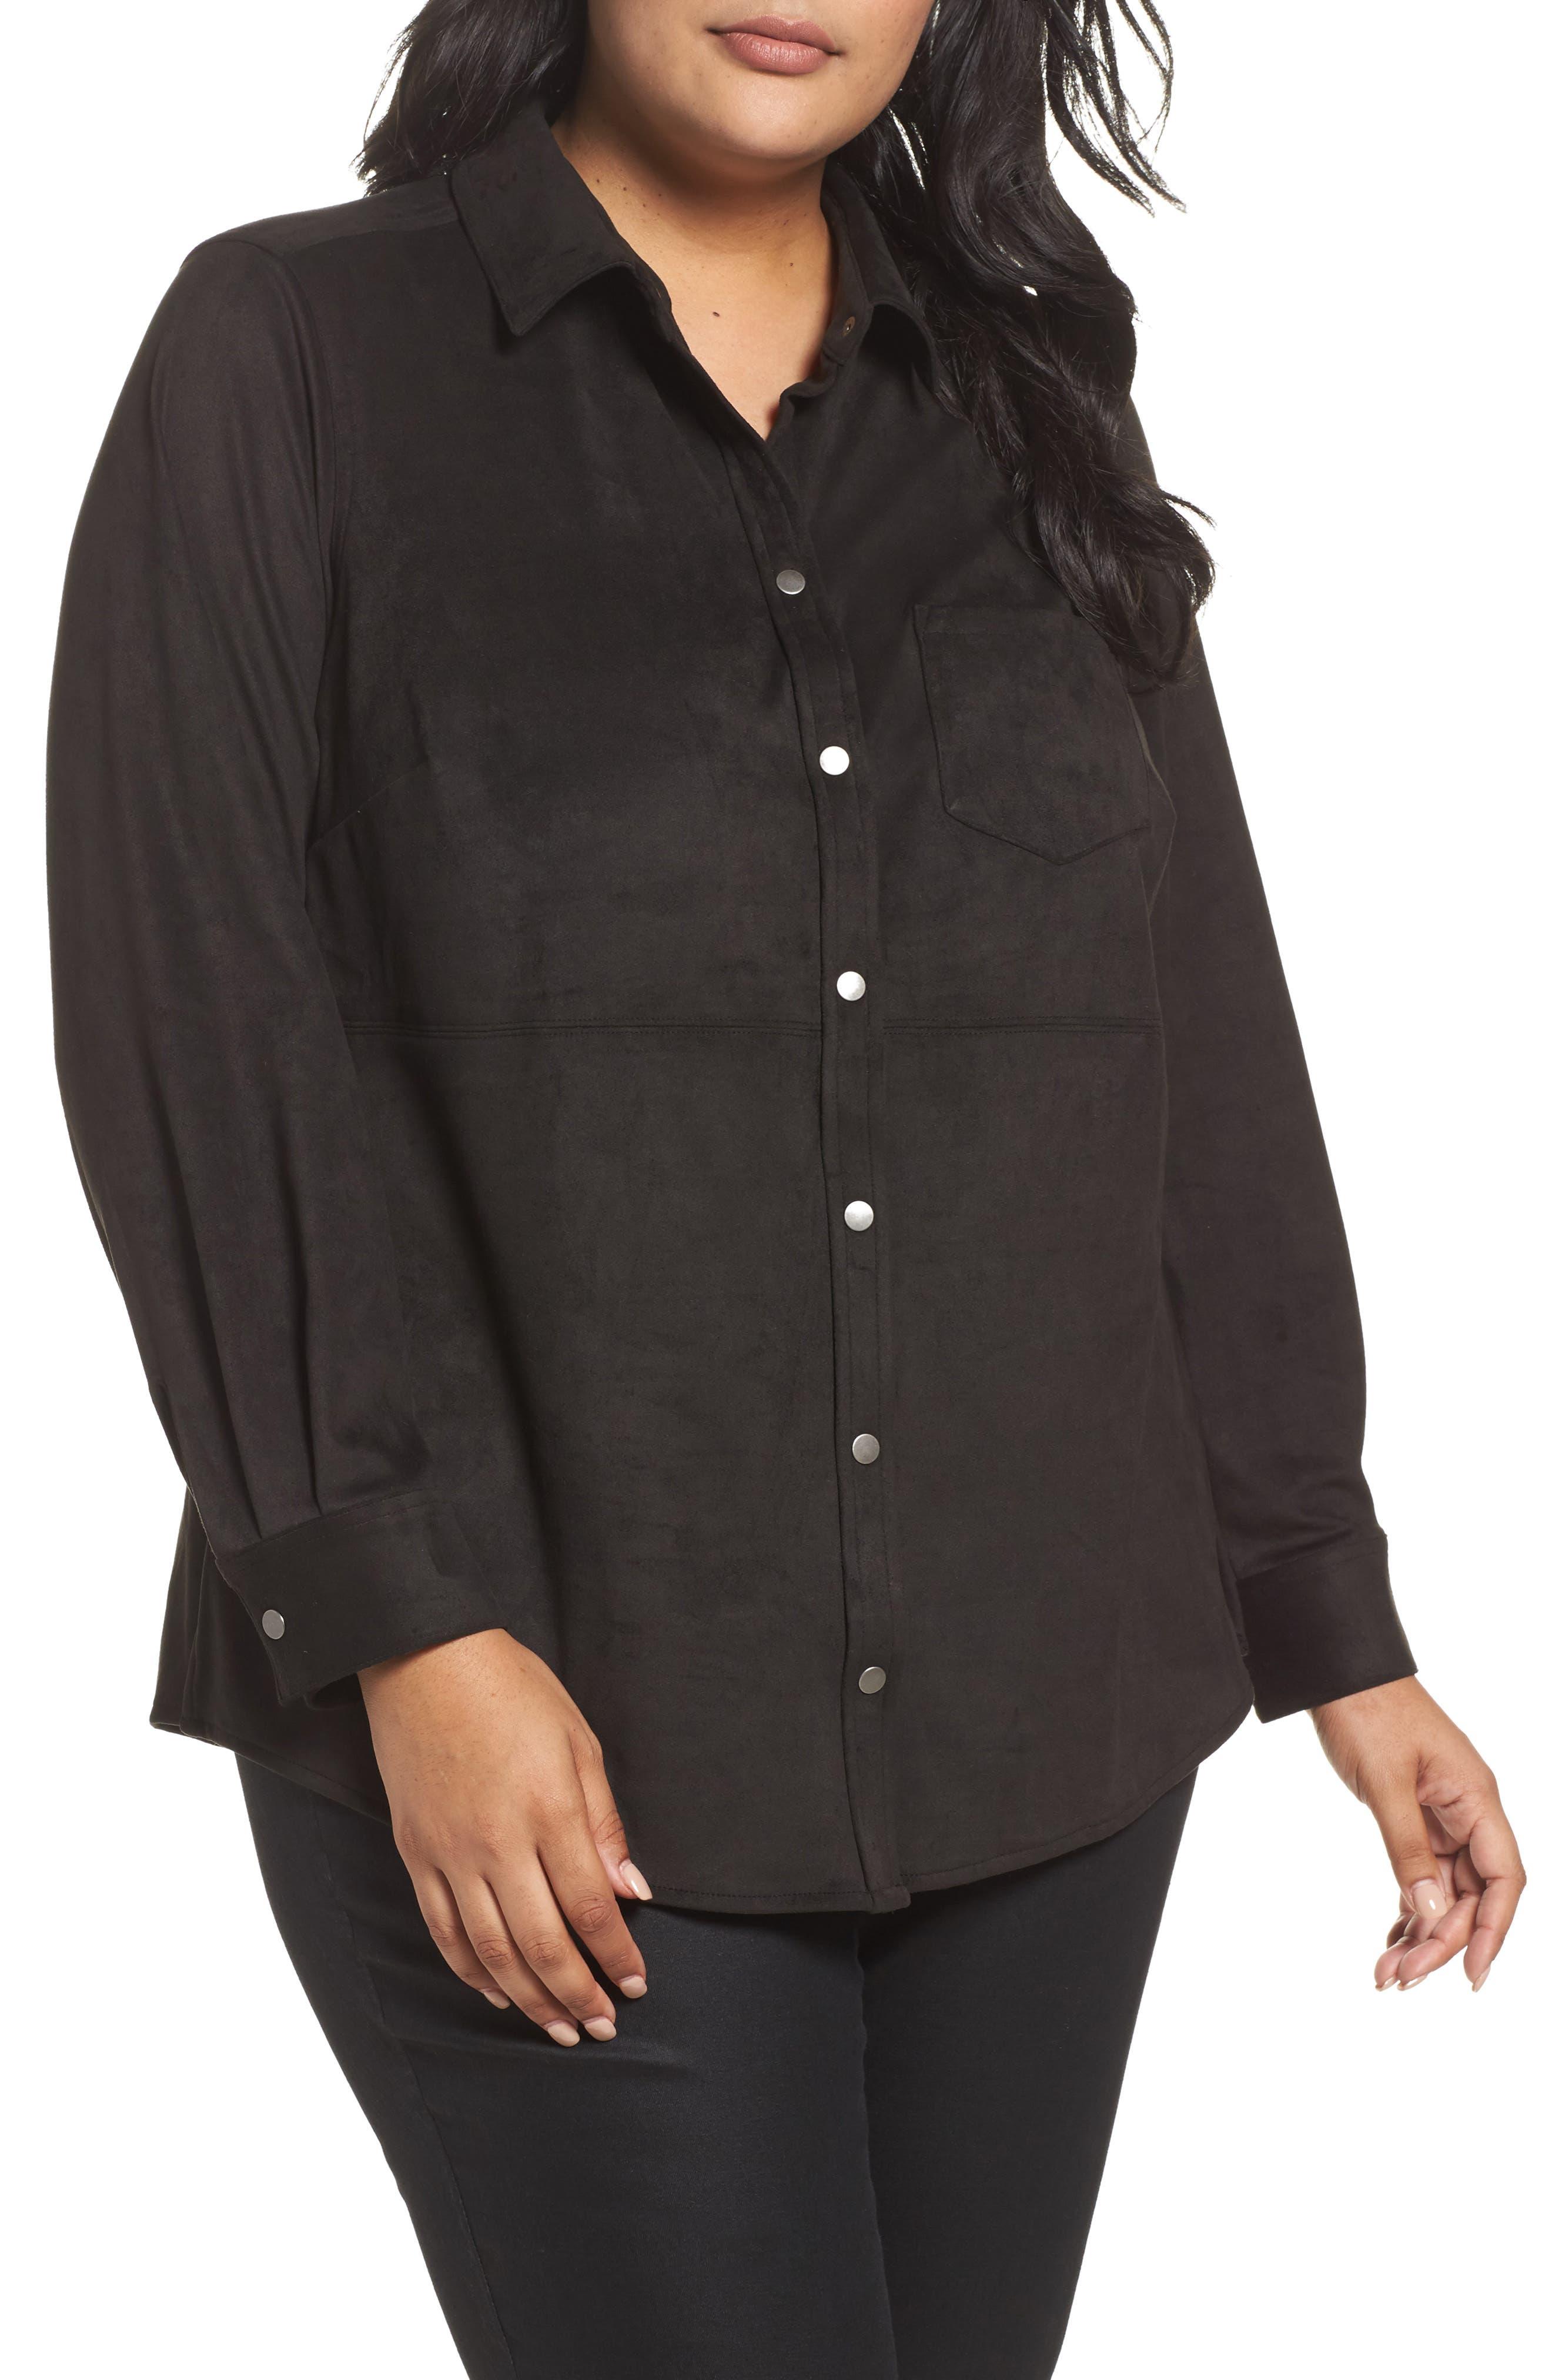 Jena Faux Suede Shirt,                         Main,                         color, Black